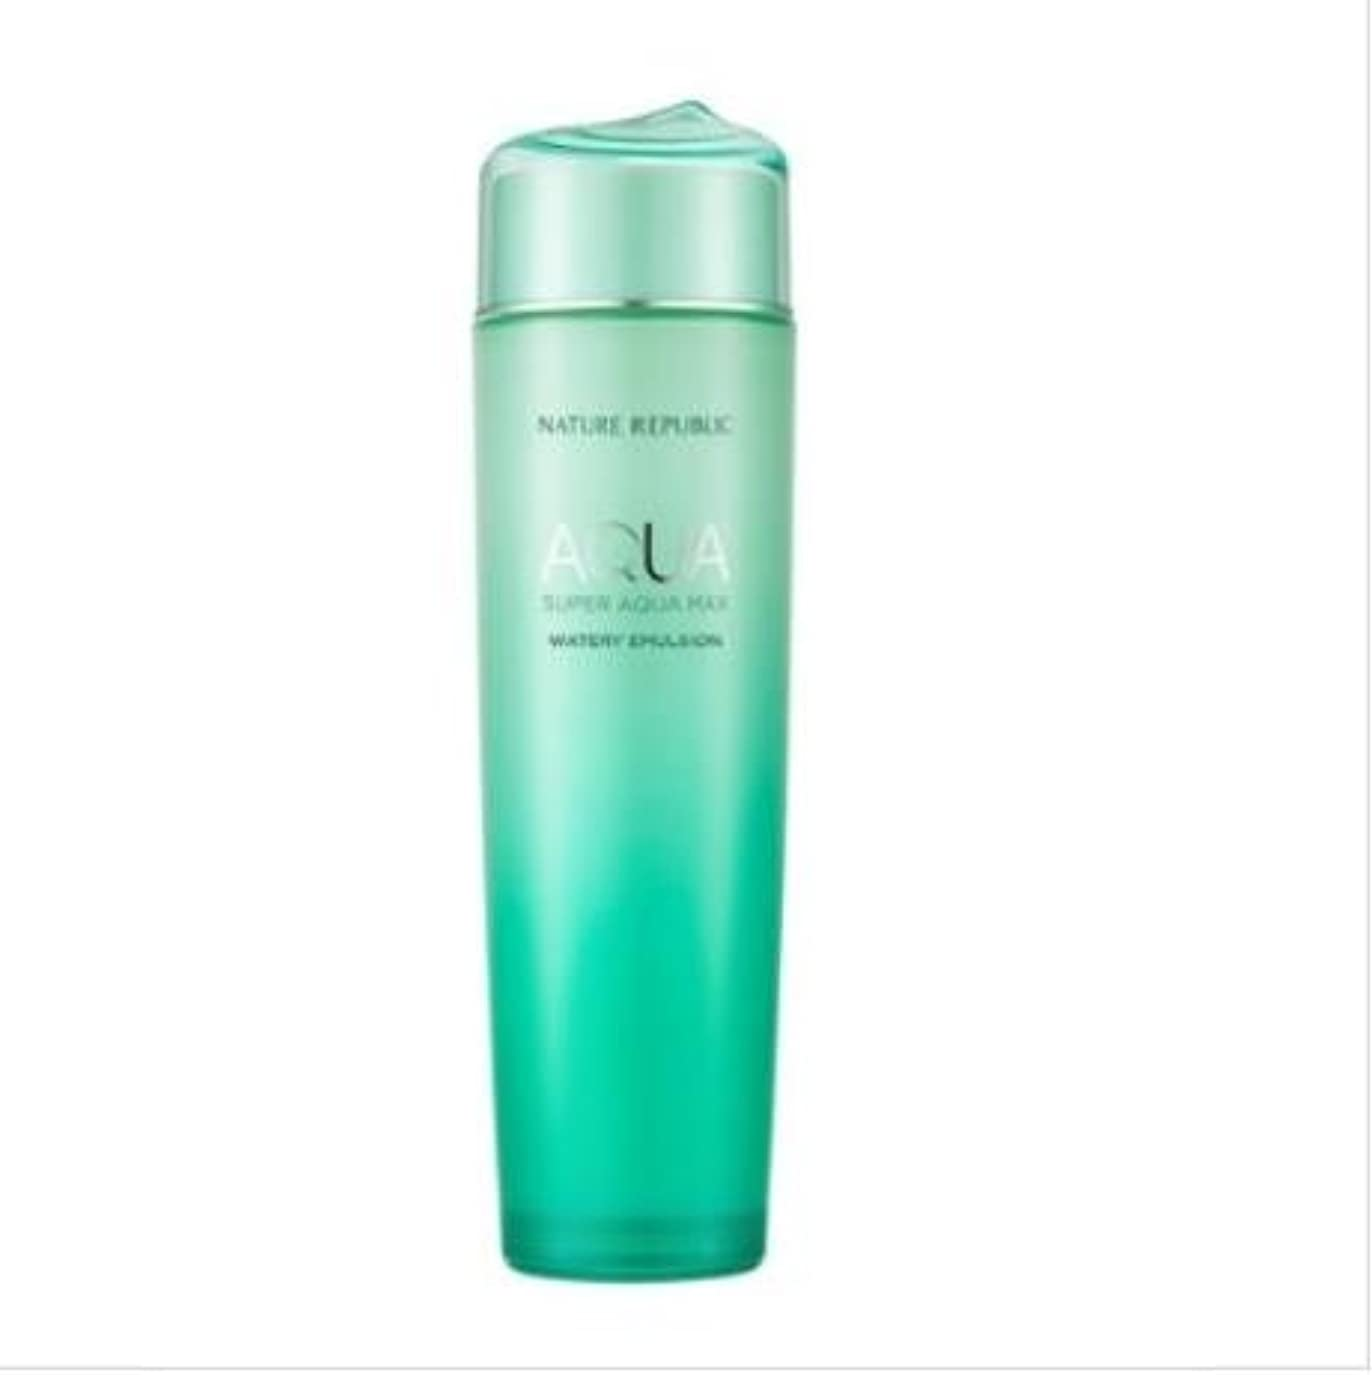 発症摩擦ウナギ[ネイチャーリパブリック] NATURE REPUBLIC [スーパー アクア マックス 水分 エマルジョン](NATURE REPUBLIC Super Aqua Max Watery Emulsion)150ml [...